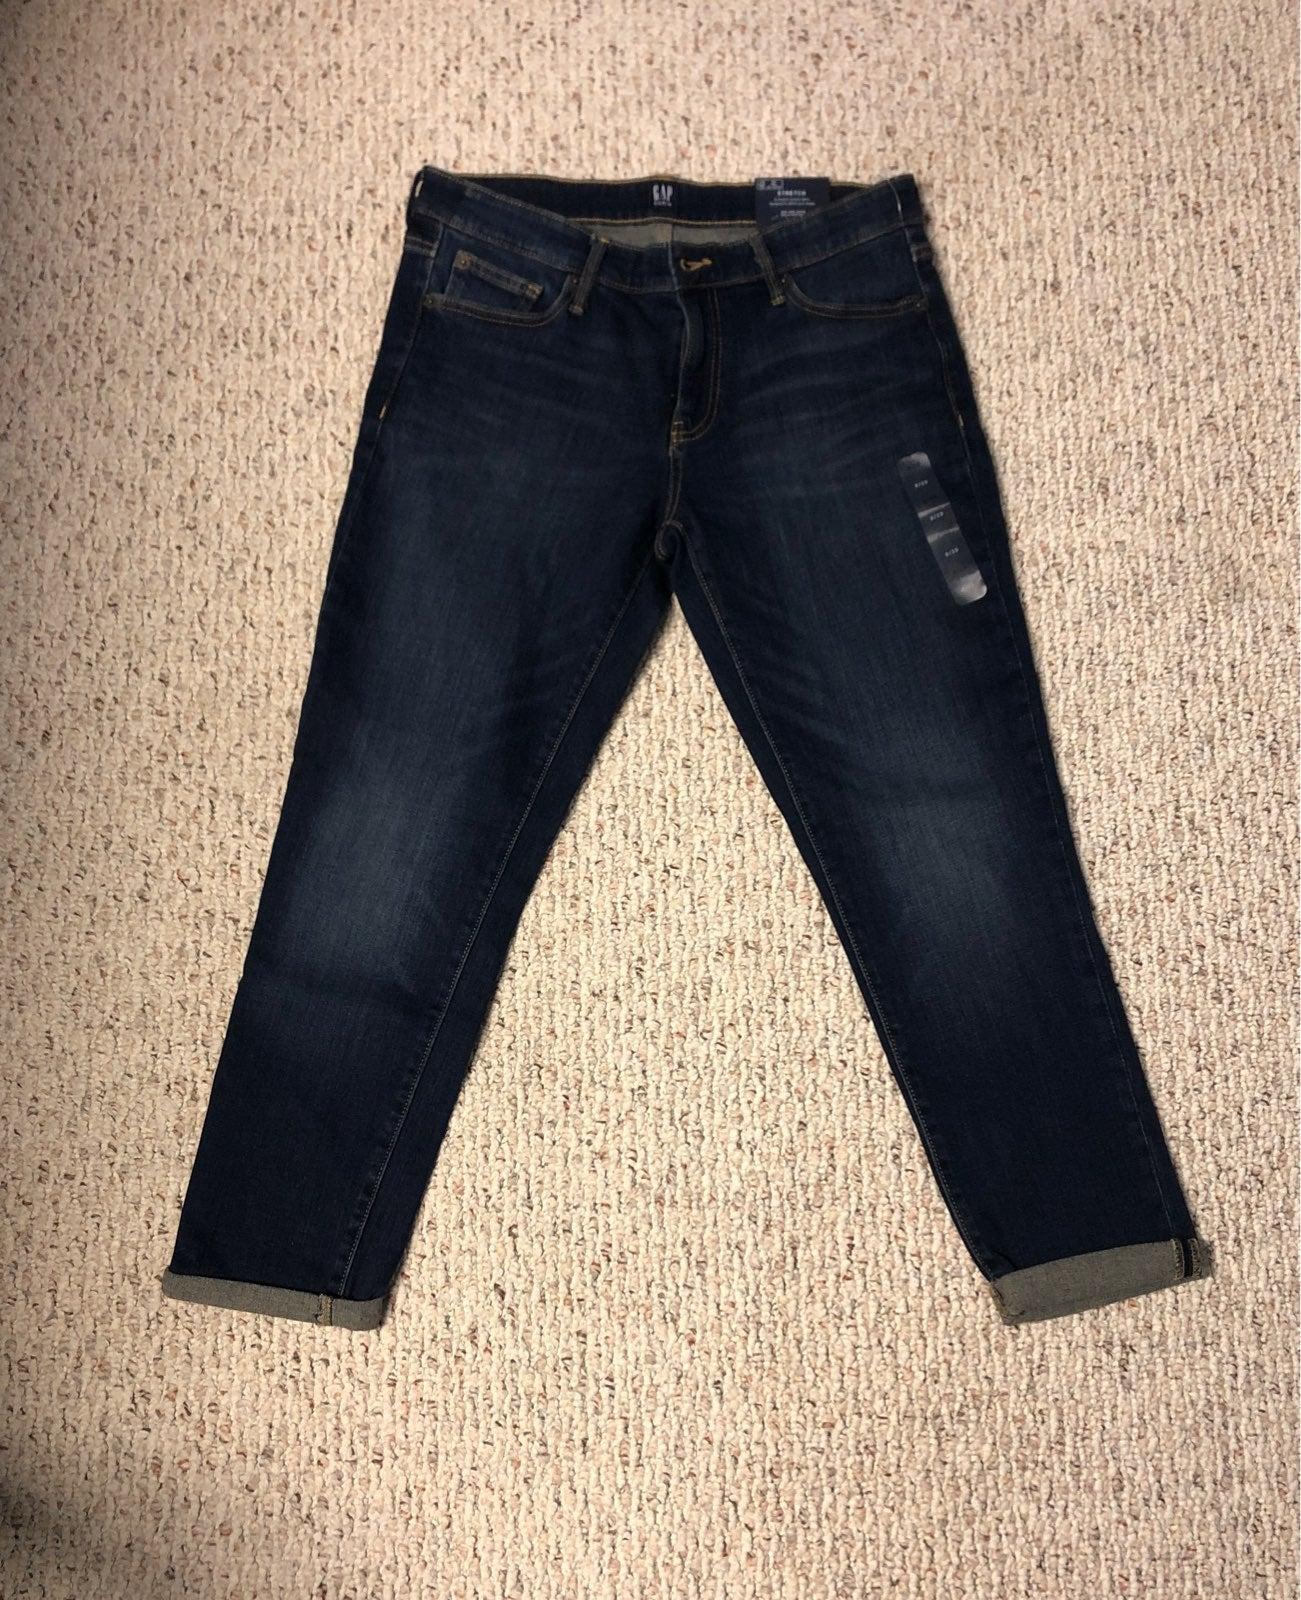 Womens Gap Girlfriend Jeans 8R